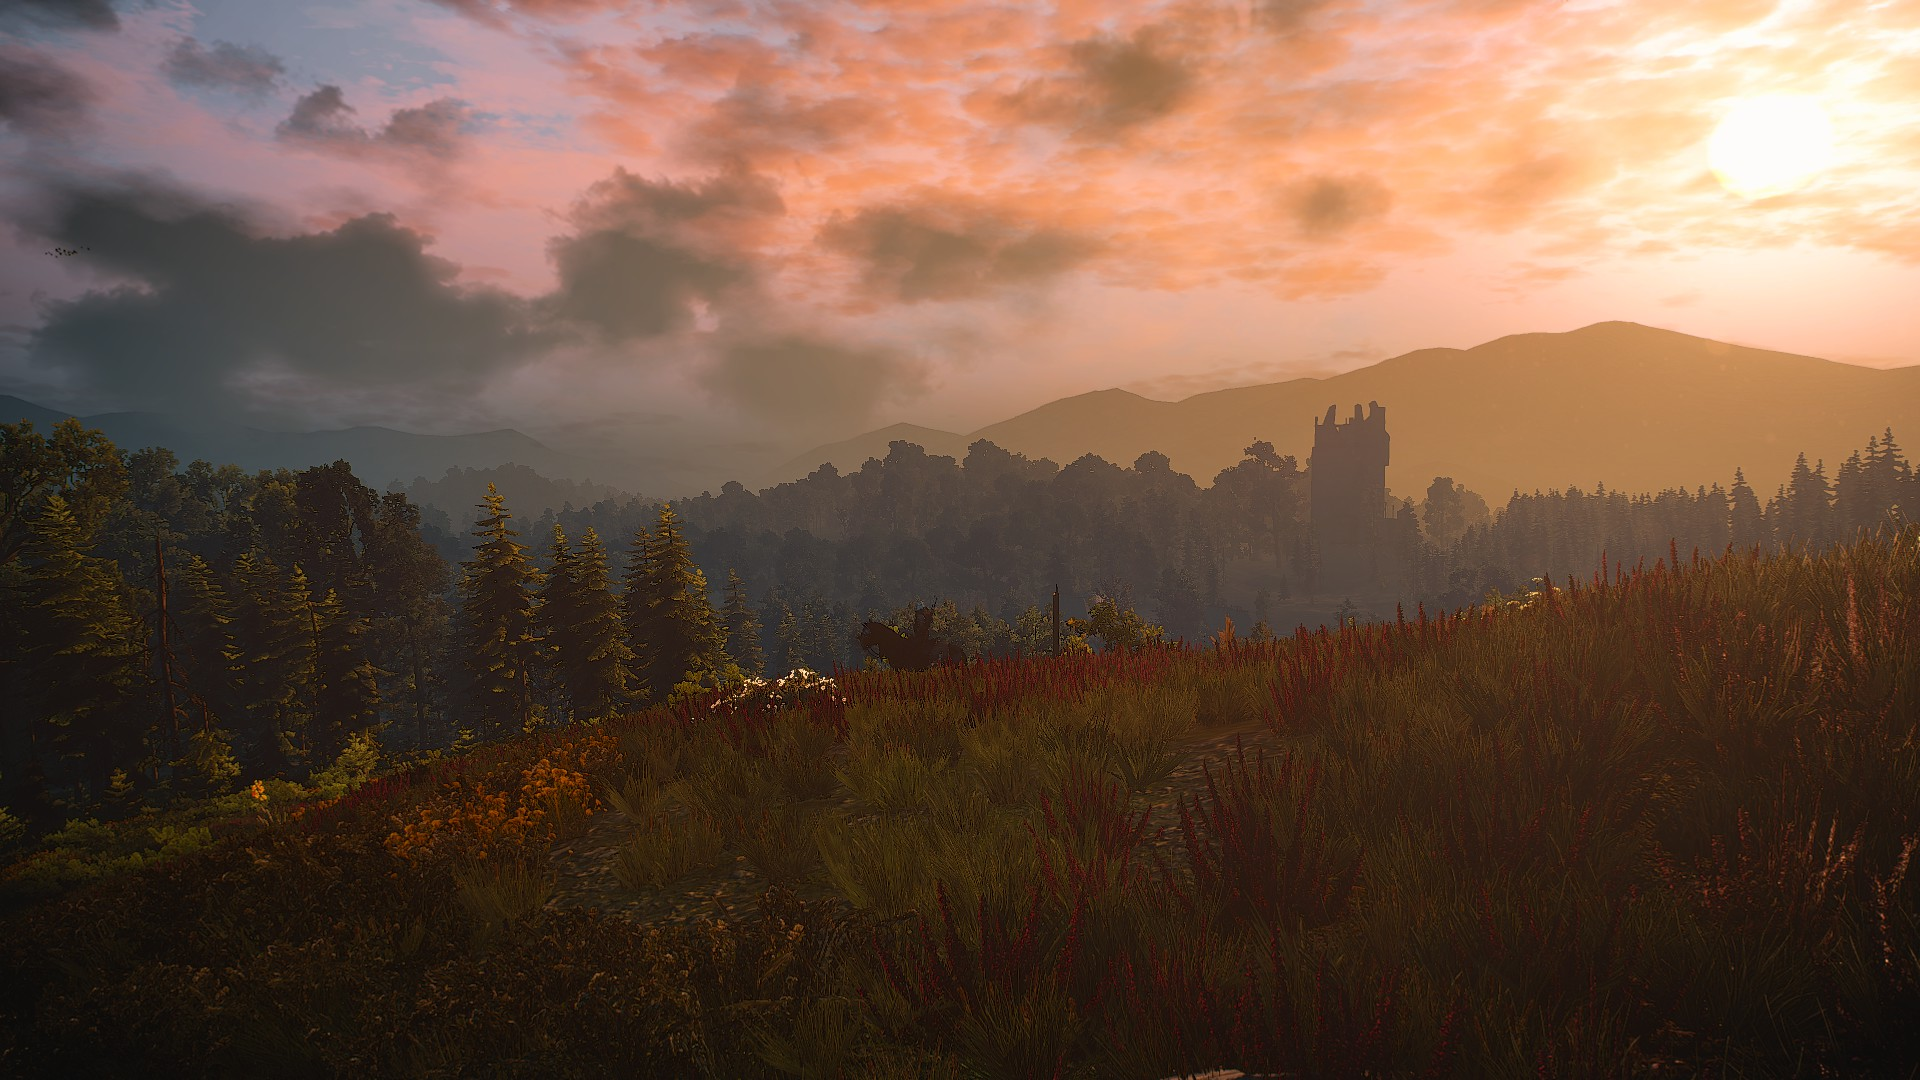 20180826221555_1.jpg - Witcher 3: Wild Hunt, the